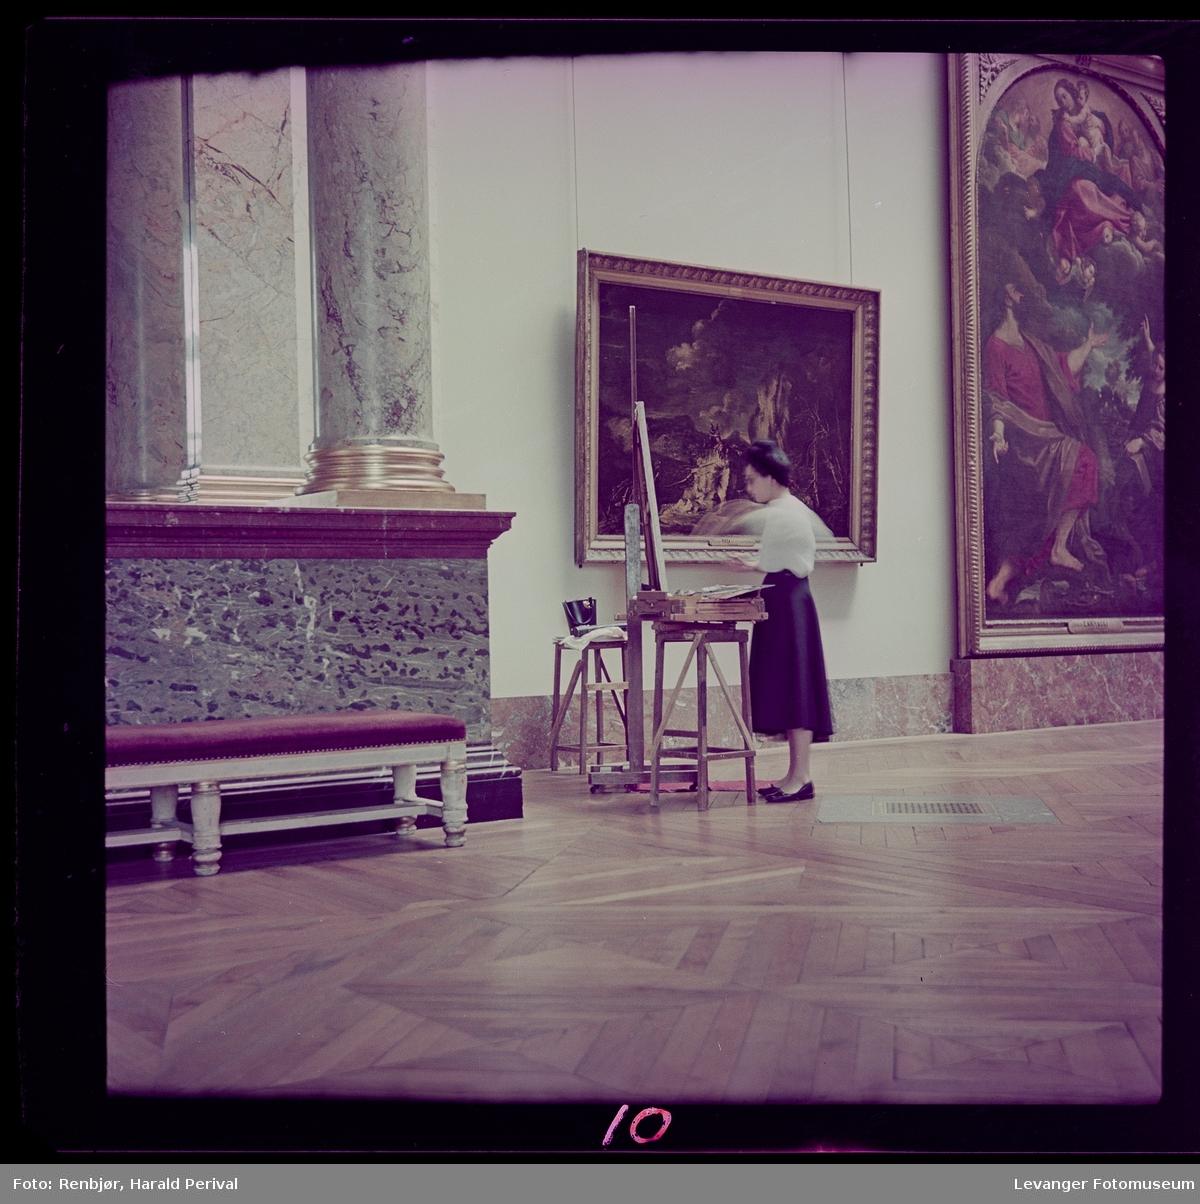 Kvinner maler ett bilde i Louvre (kopierer) med staffeli.